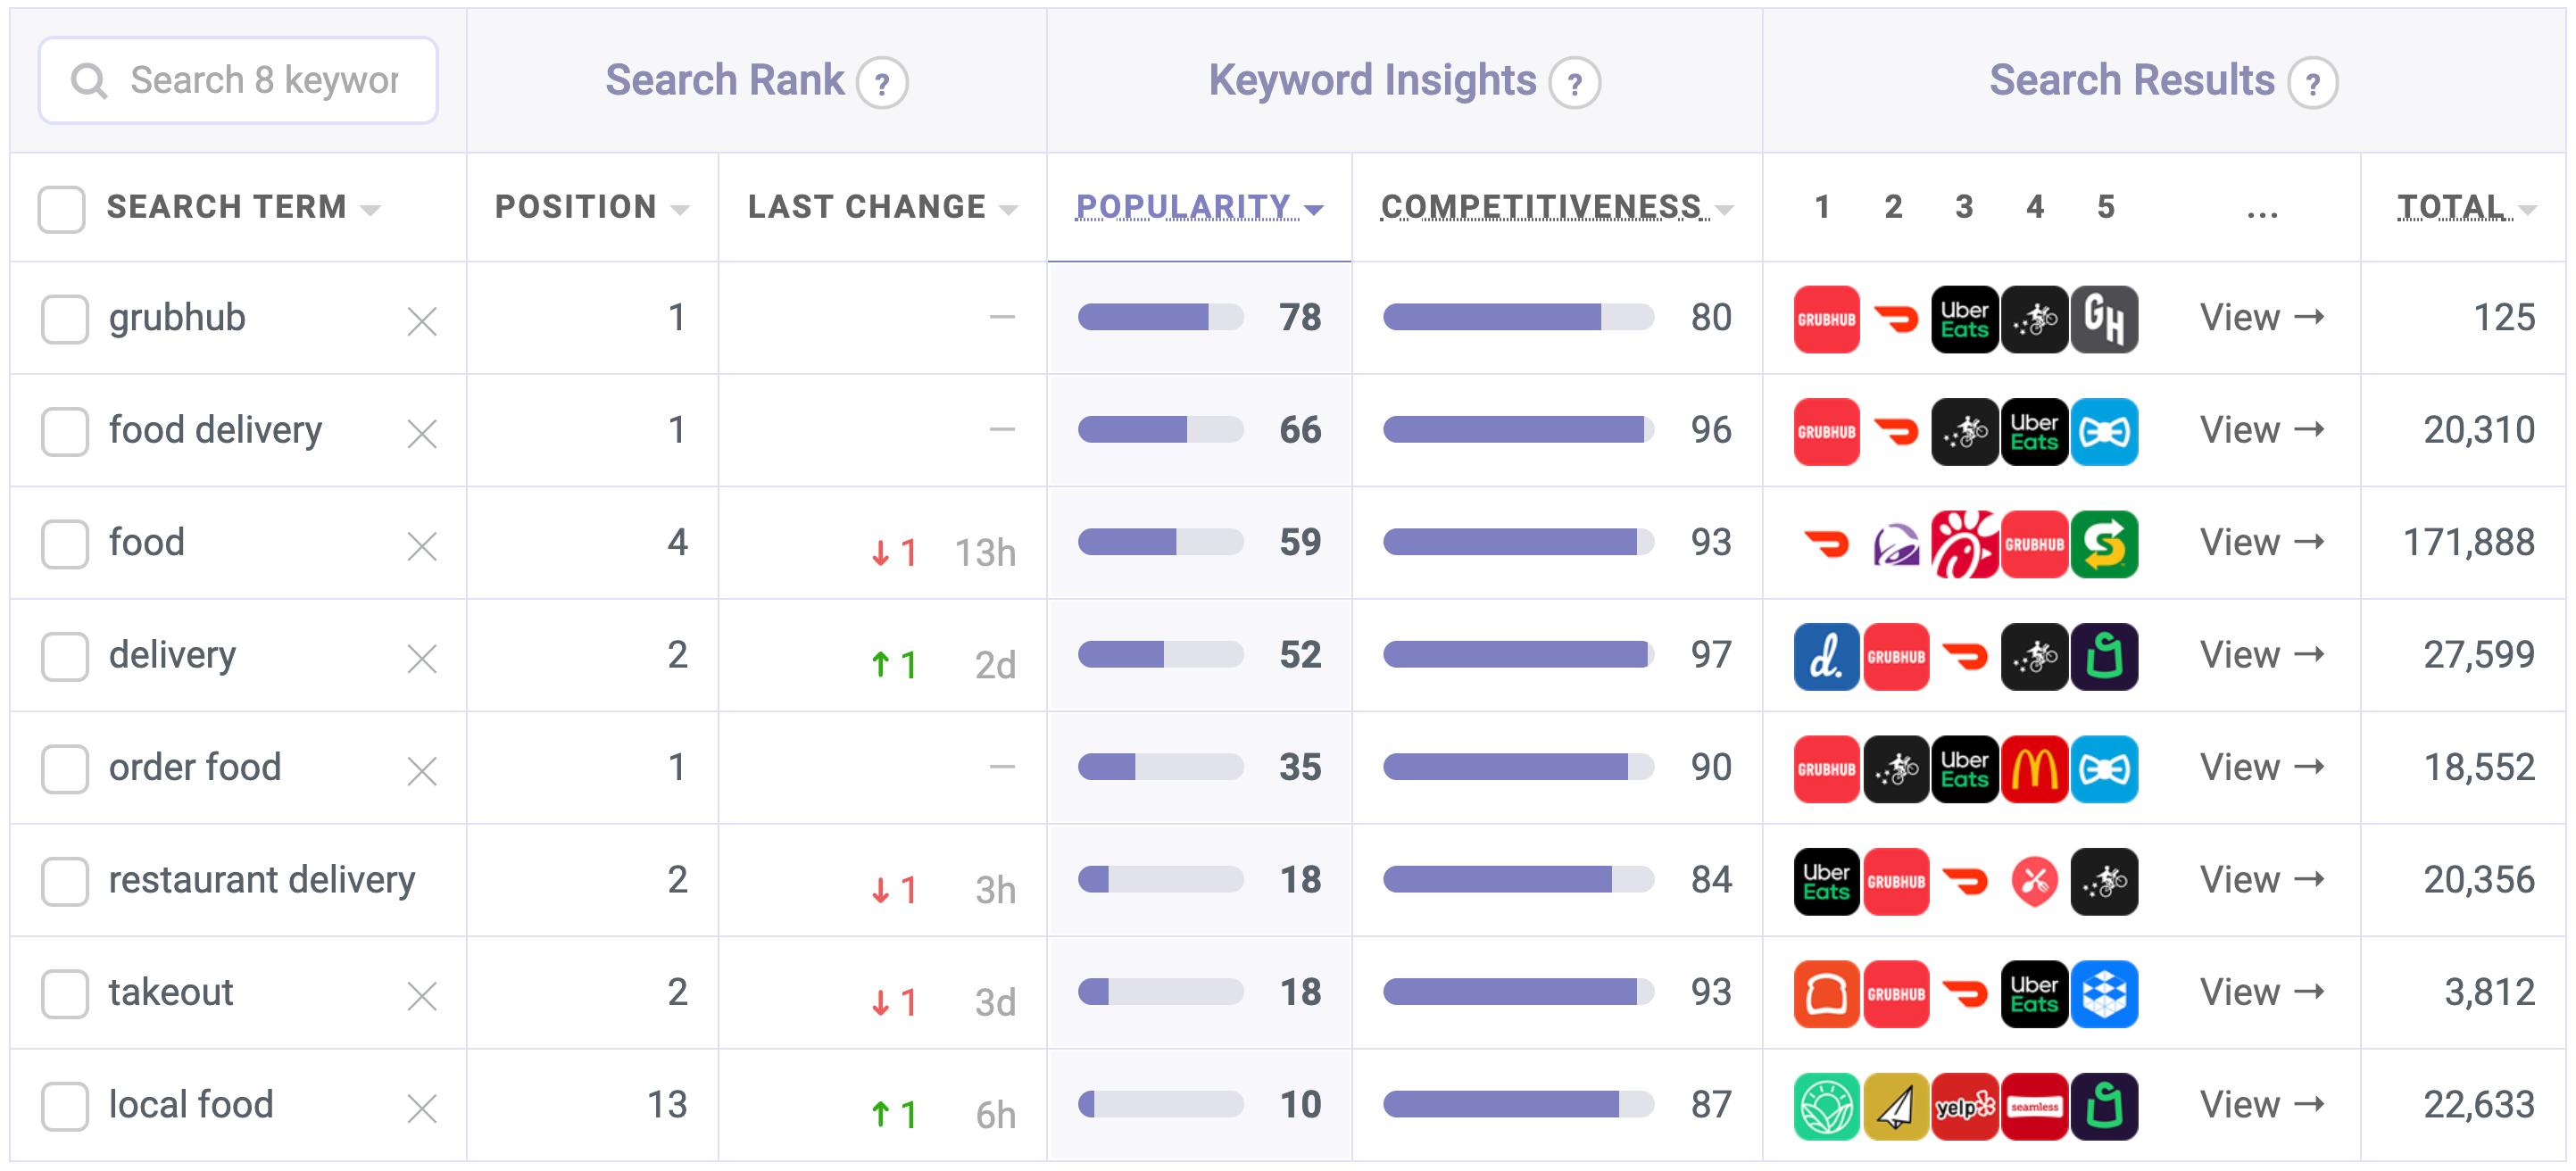 Grubhub's target keyword ranks